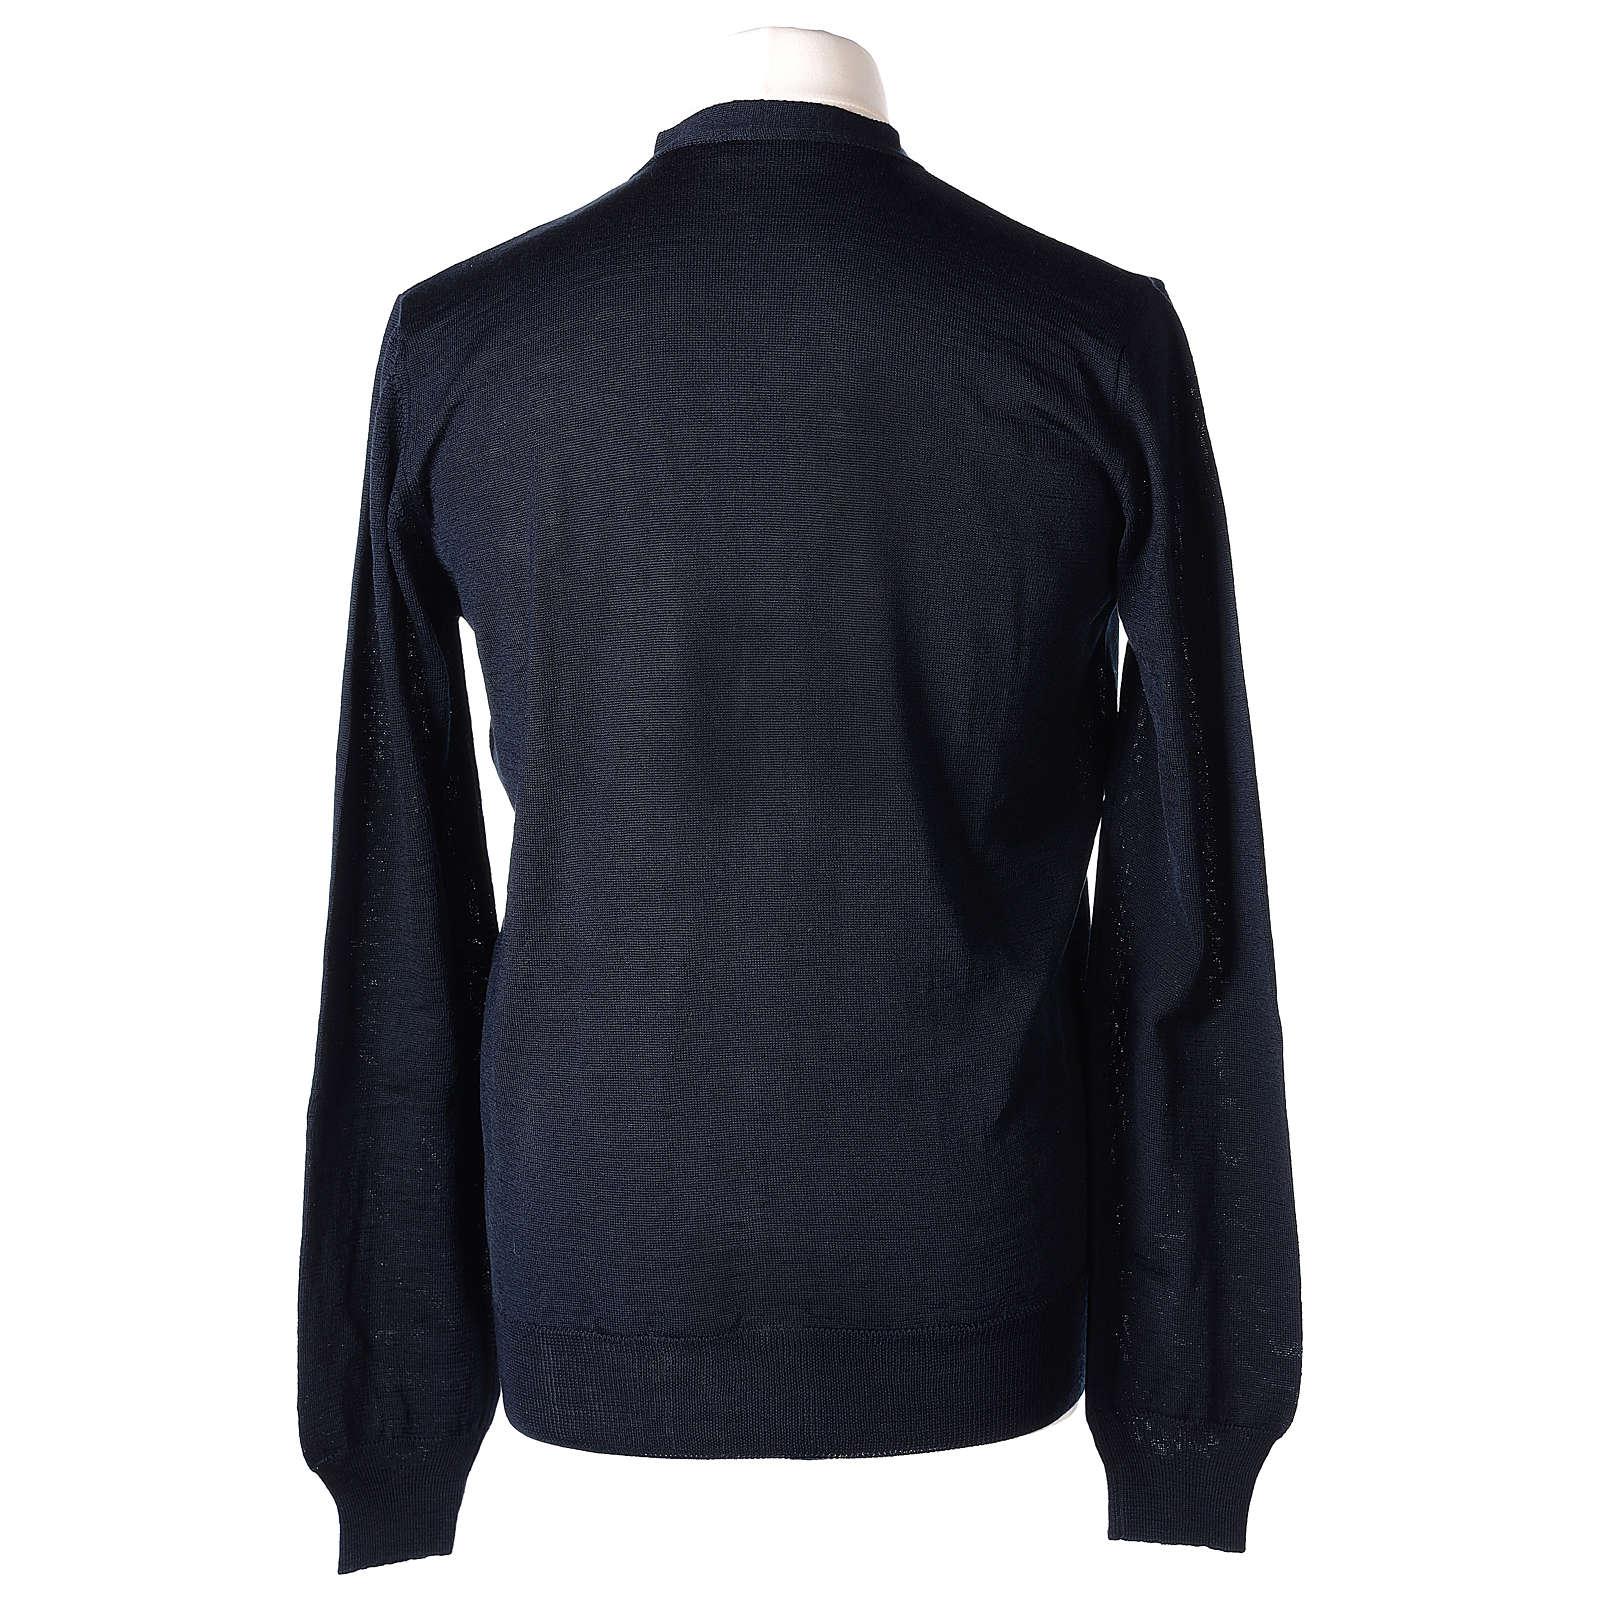 Giacca sacerdote blu manica lunga maglia rasata 50% acrilico 50% lana merino In Primis 4